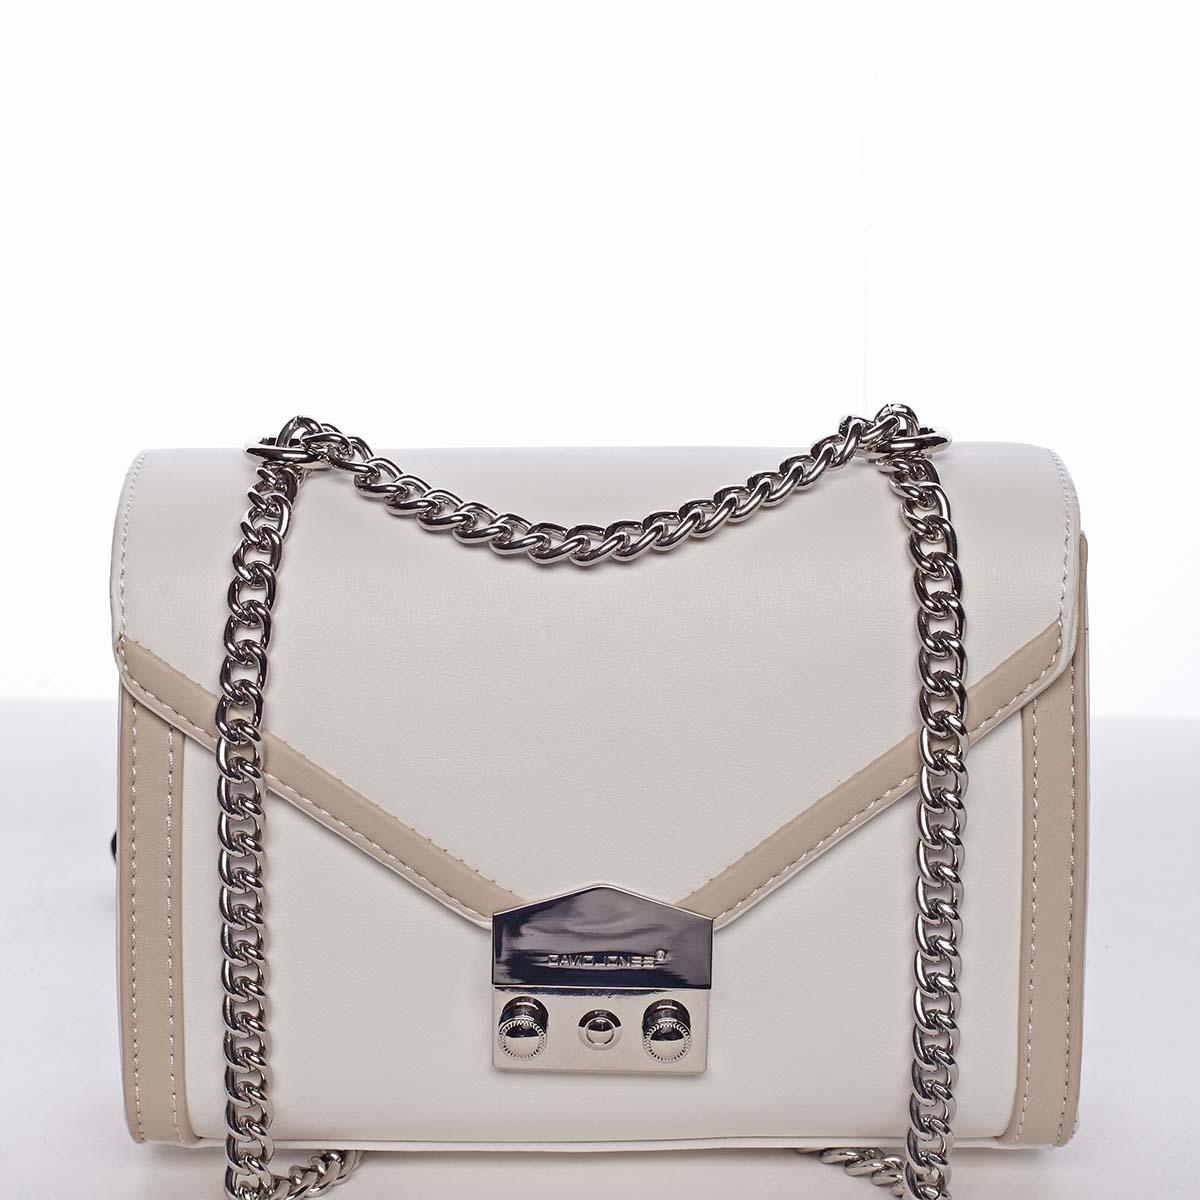 Malá dámska elegantná crossbody kabelka biela - David Jones Arianna biela